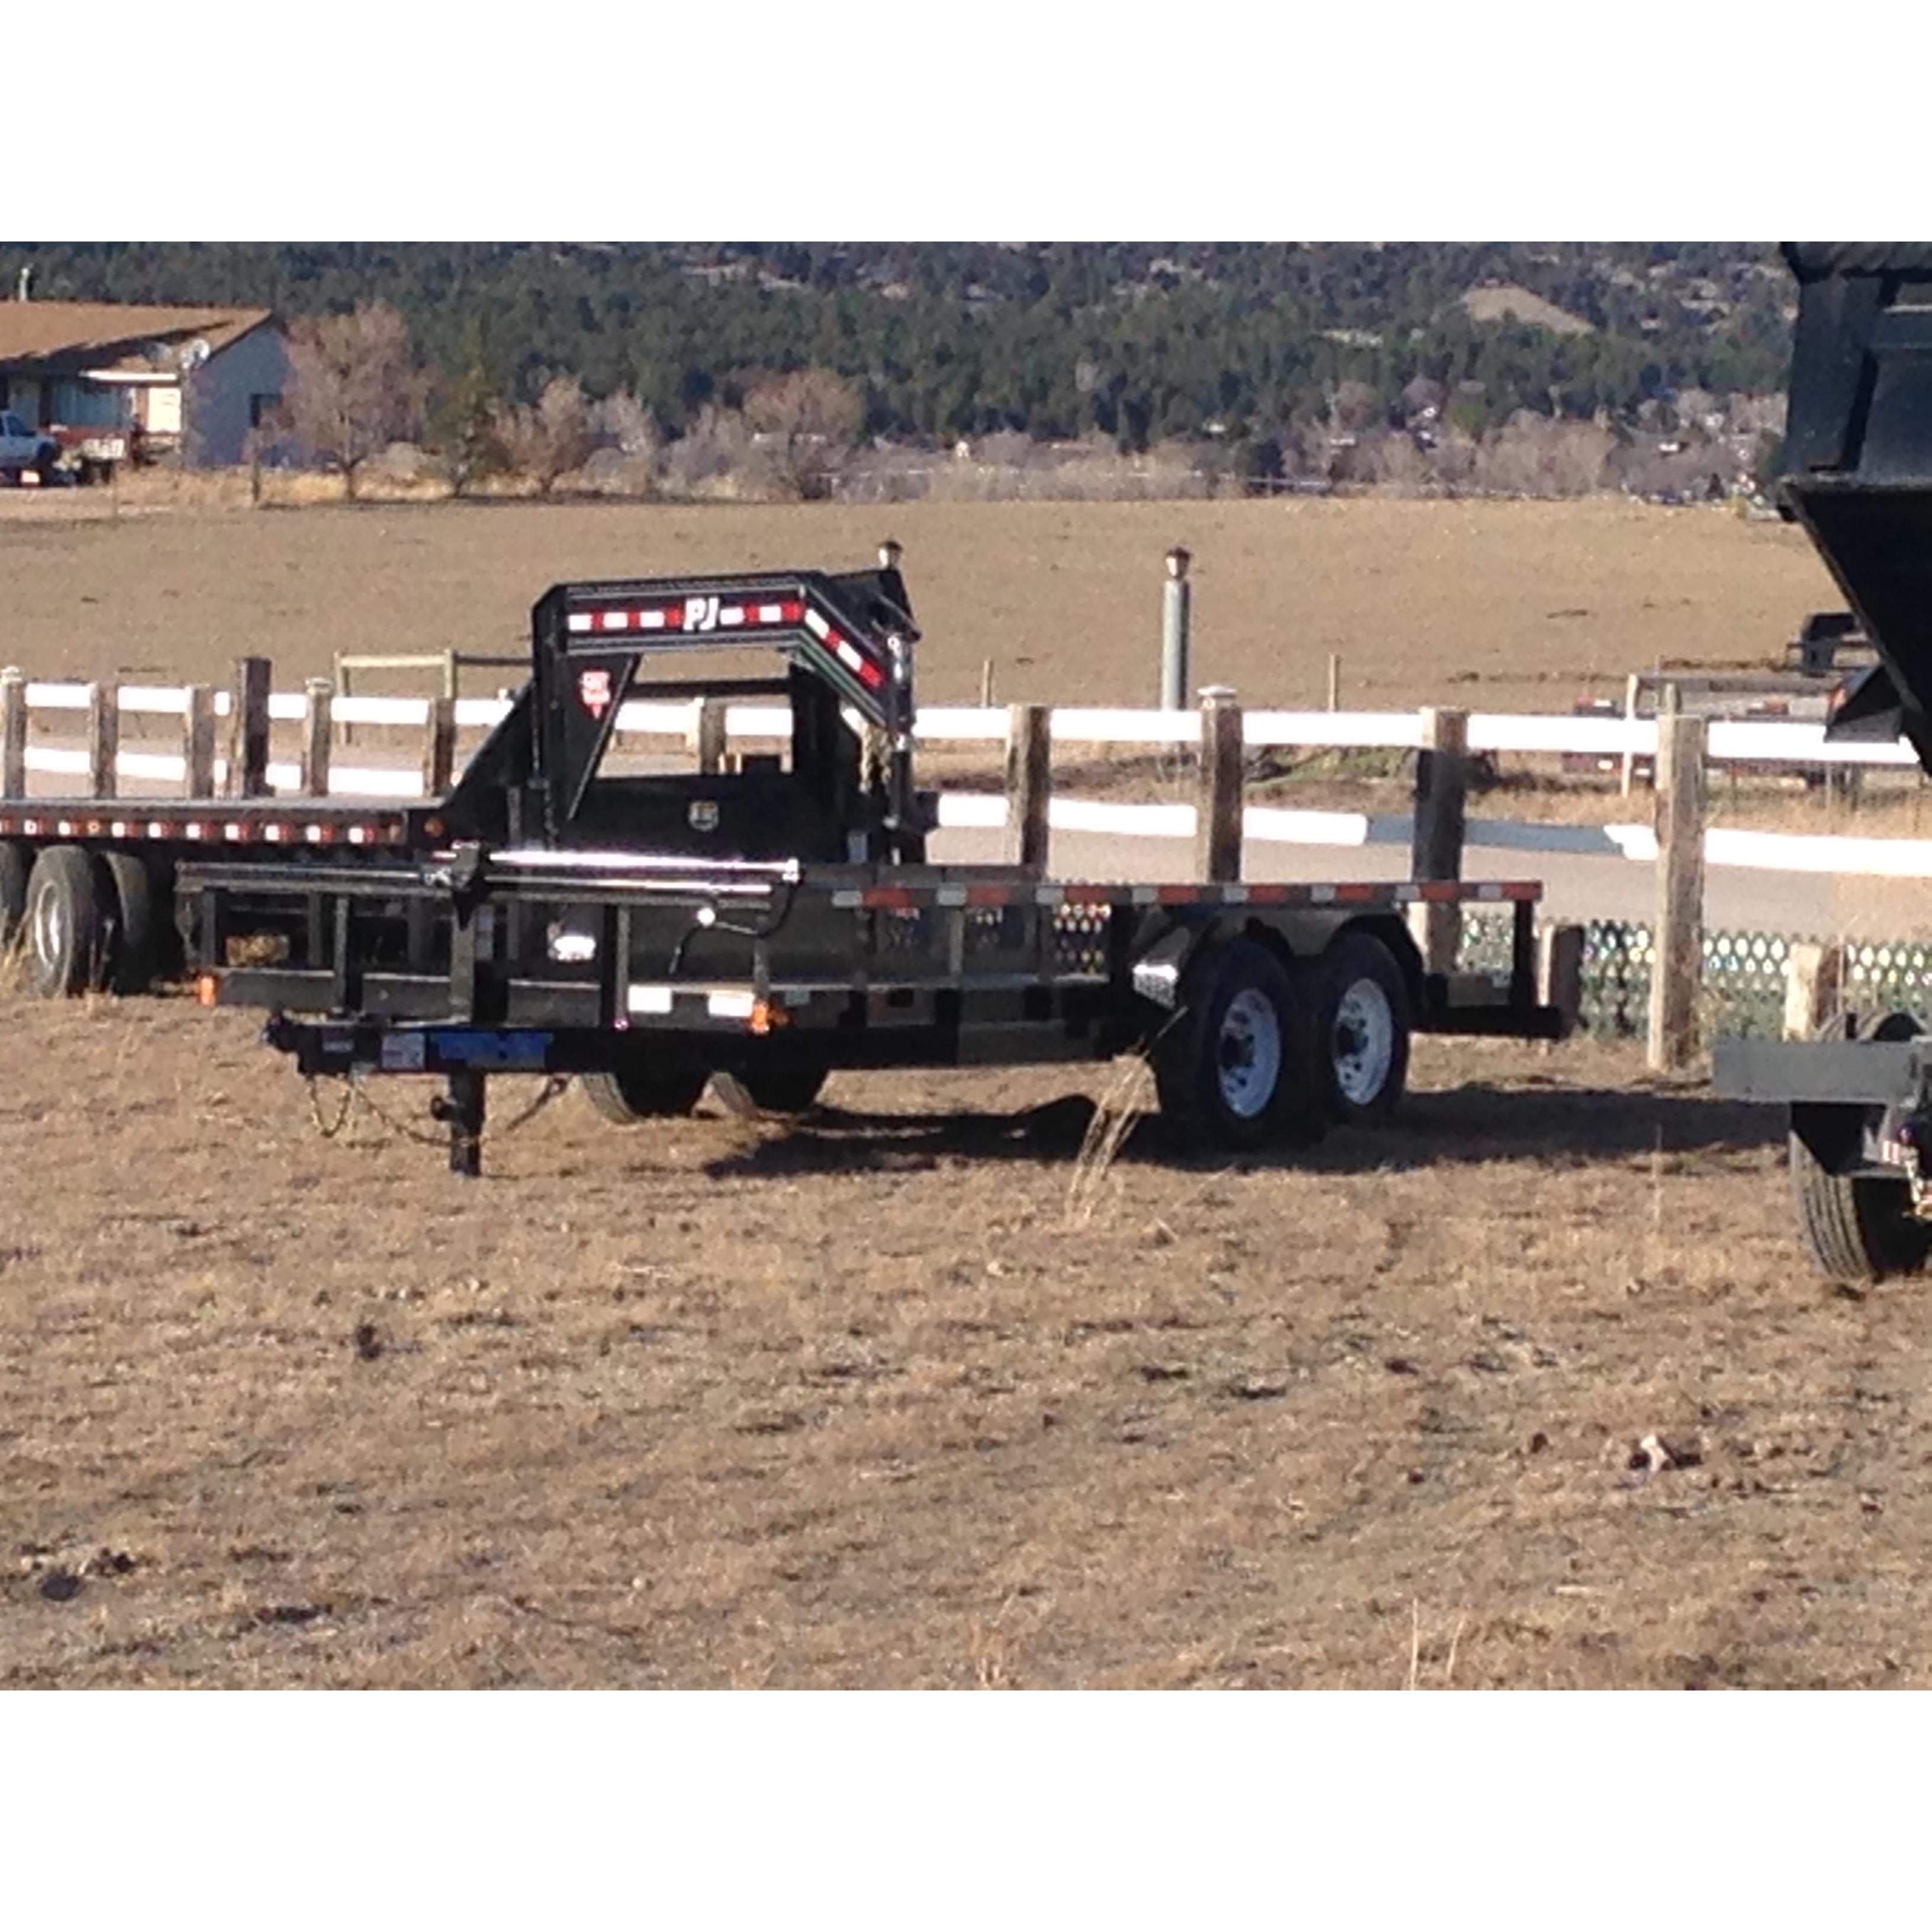 MW Equipment LLC of Wyoming